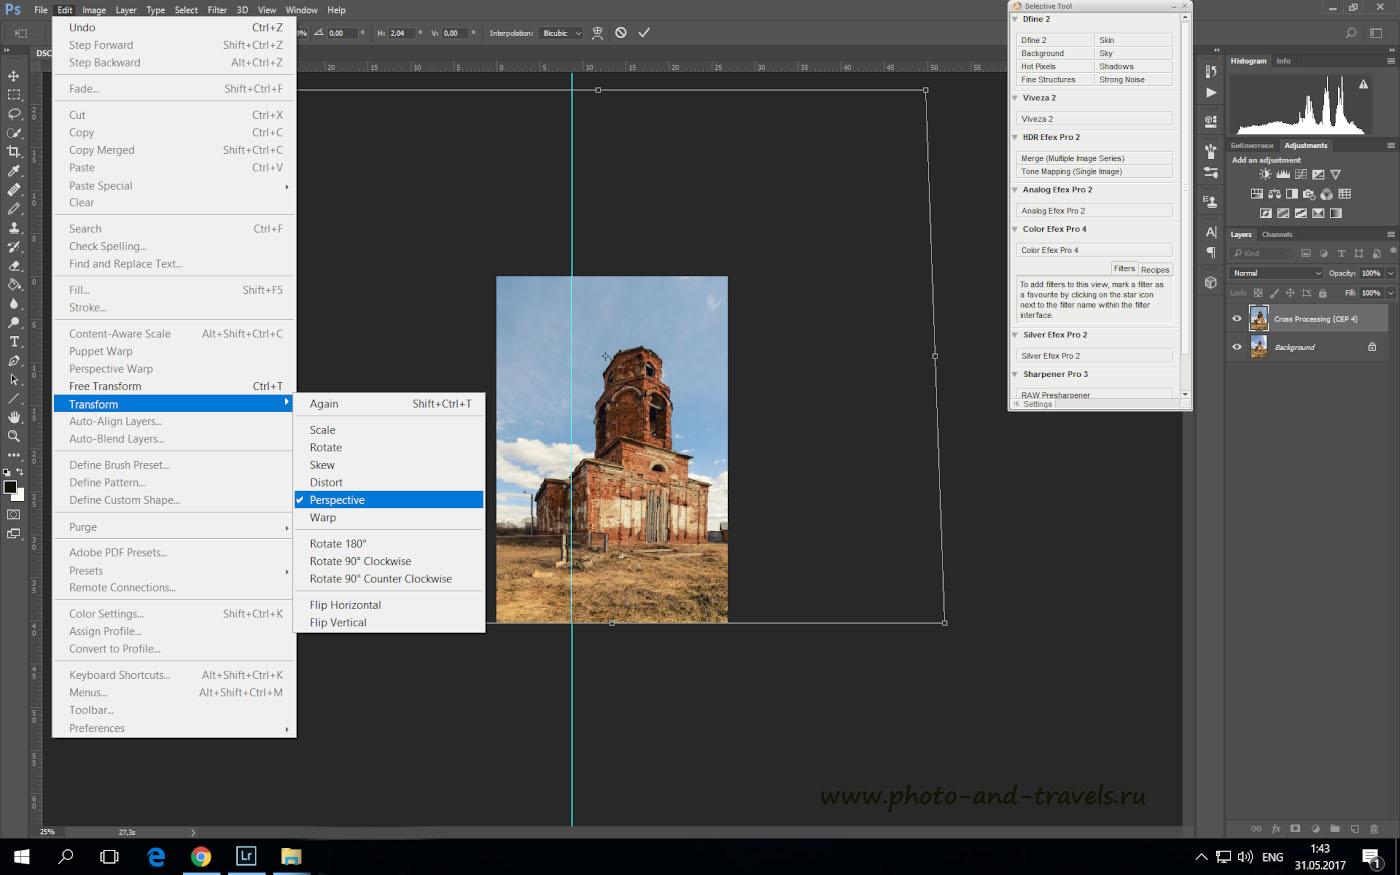 Фотография 2. Если при съемке оставить пространство по краям кадра с запасом, позже в графическом редакторе дисторсию можно исправить парой кликов мышки.